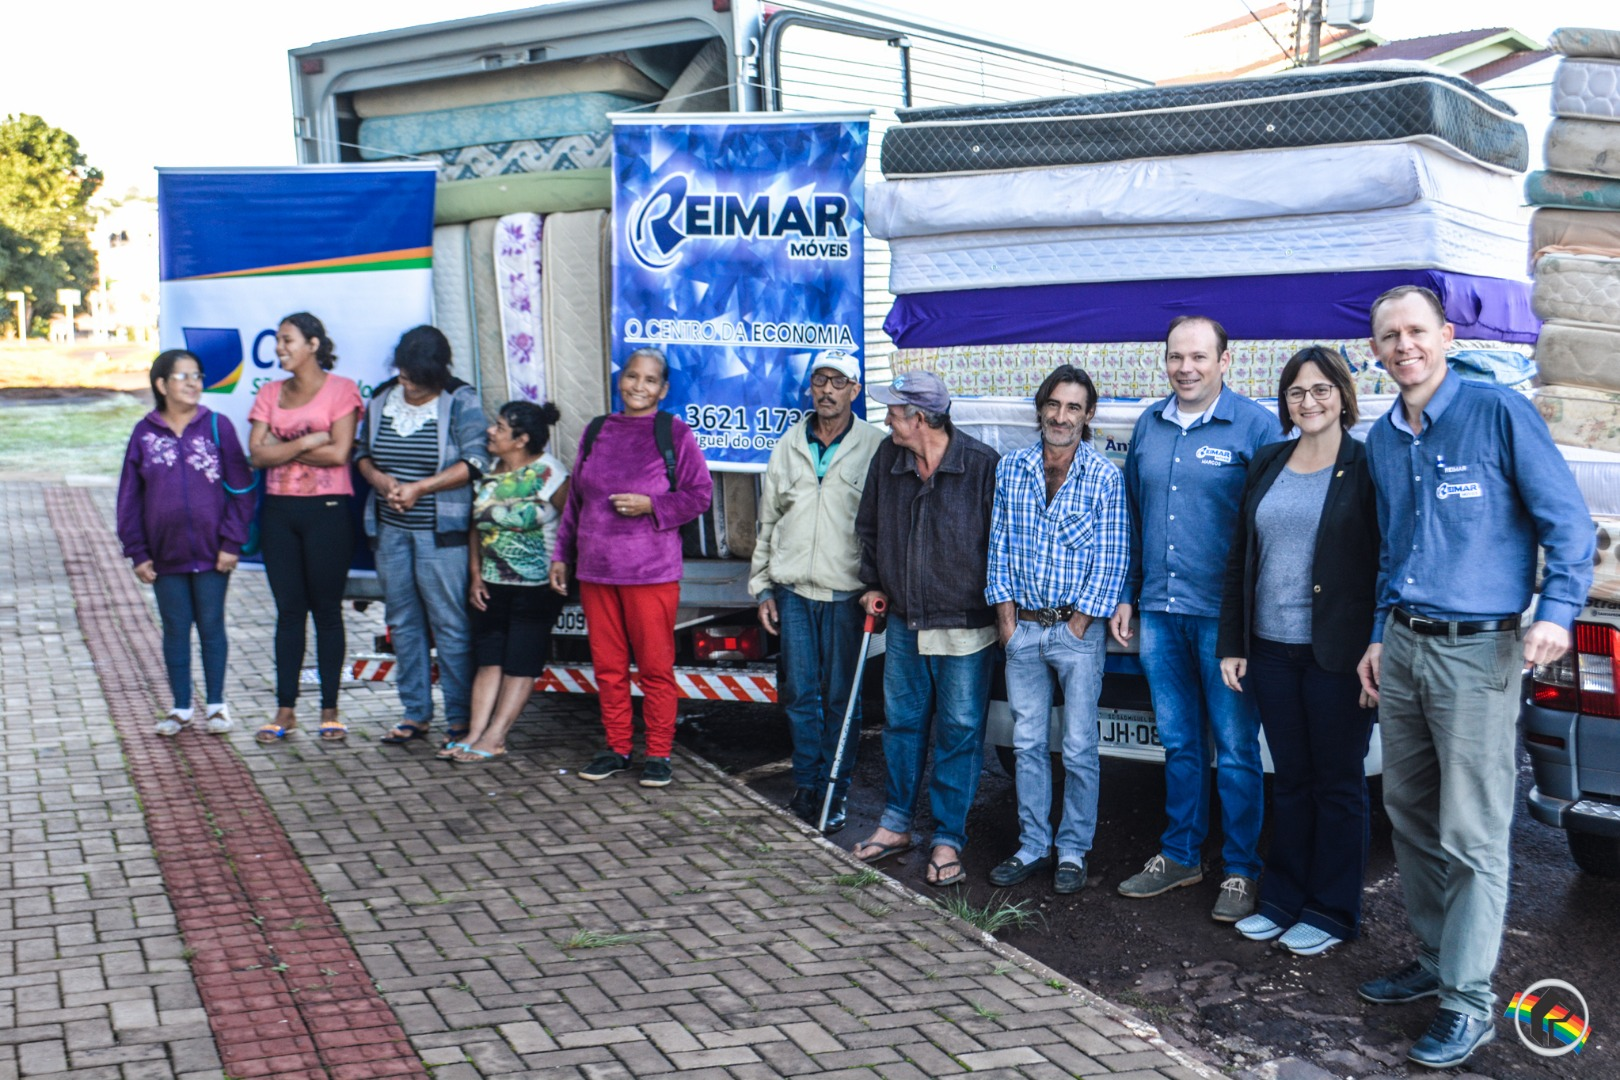 Festival dos Colchões beneficia famílias carentes do município